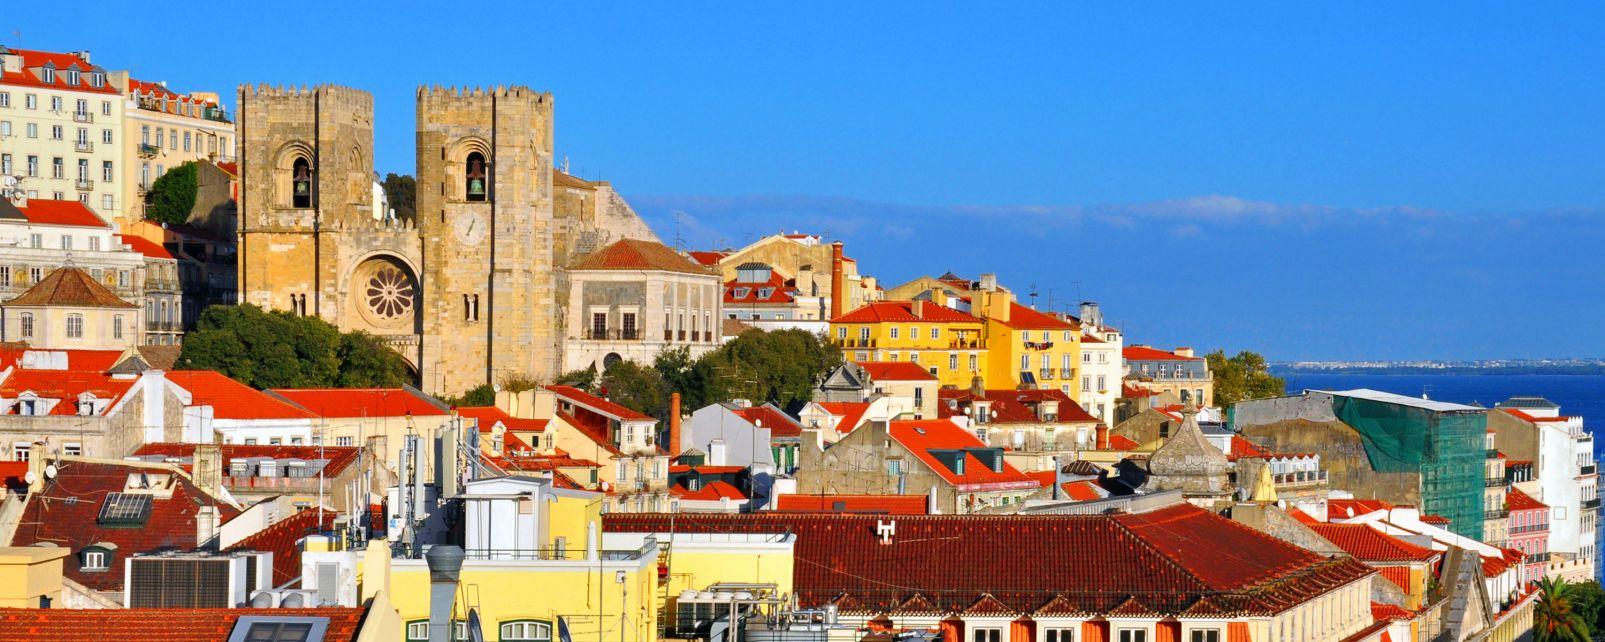 Les monuments, La cathédrale Sé de Lisbonne , Lisbonne, Der Norden und das Zentrum Portugals